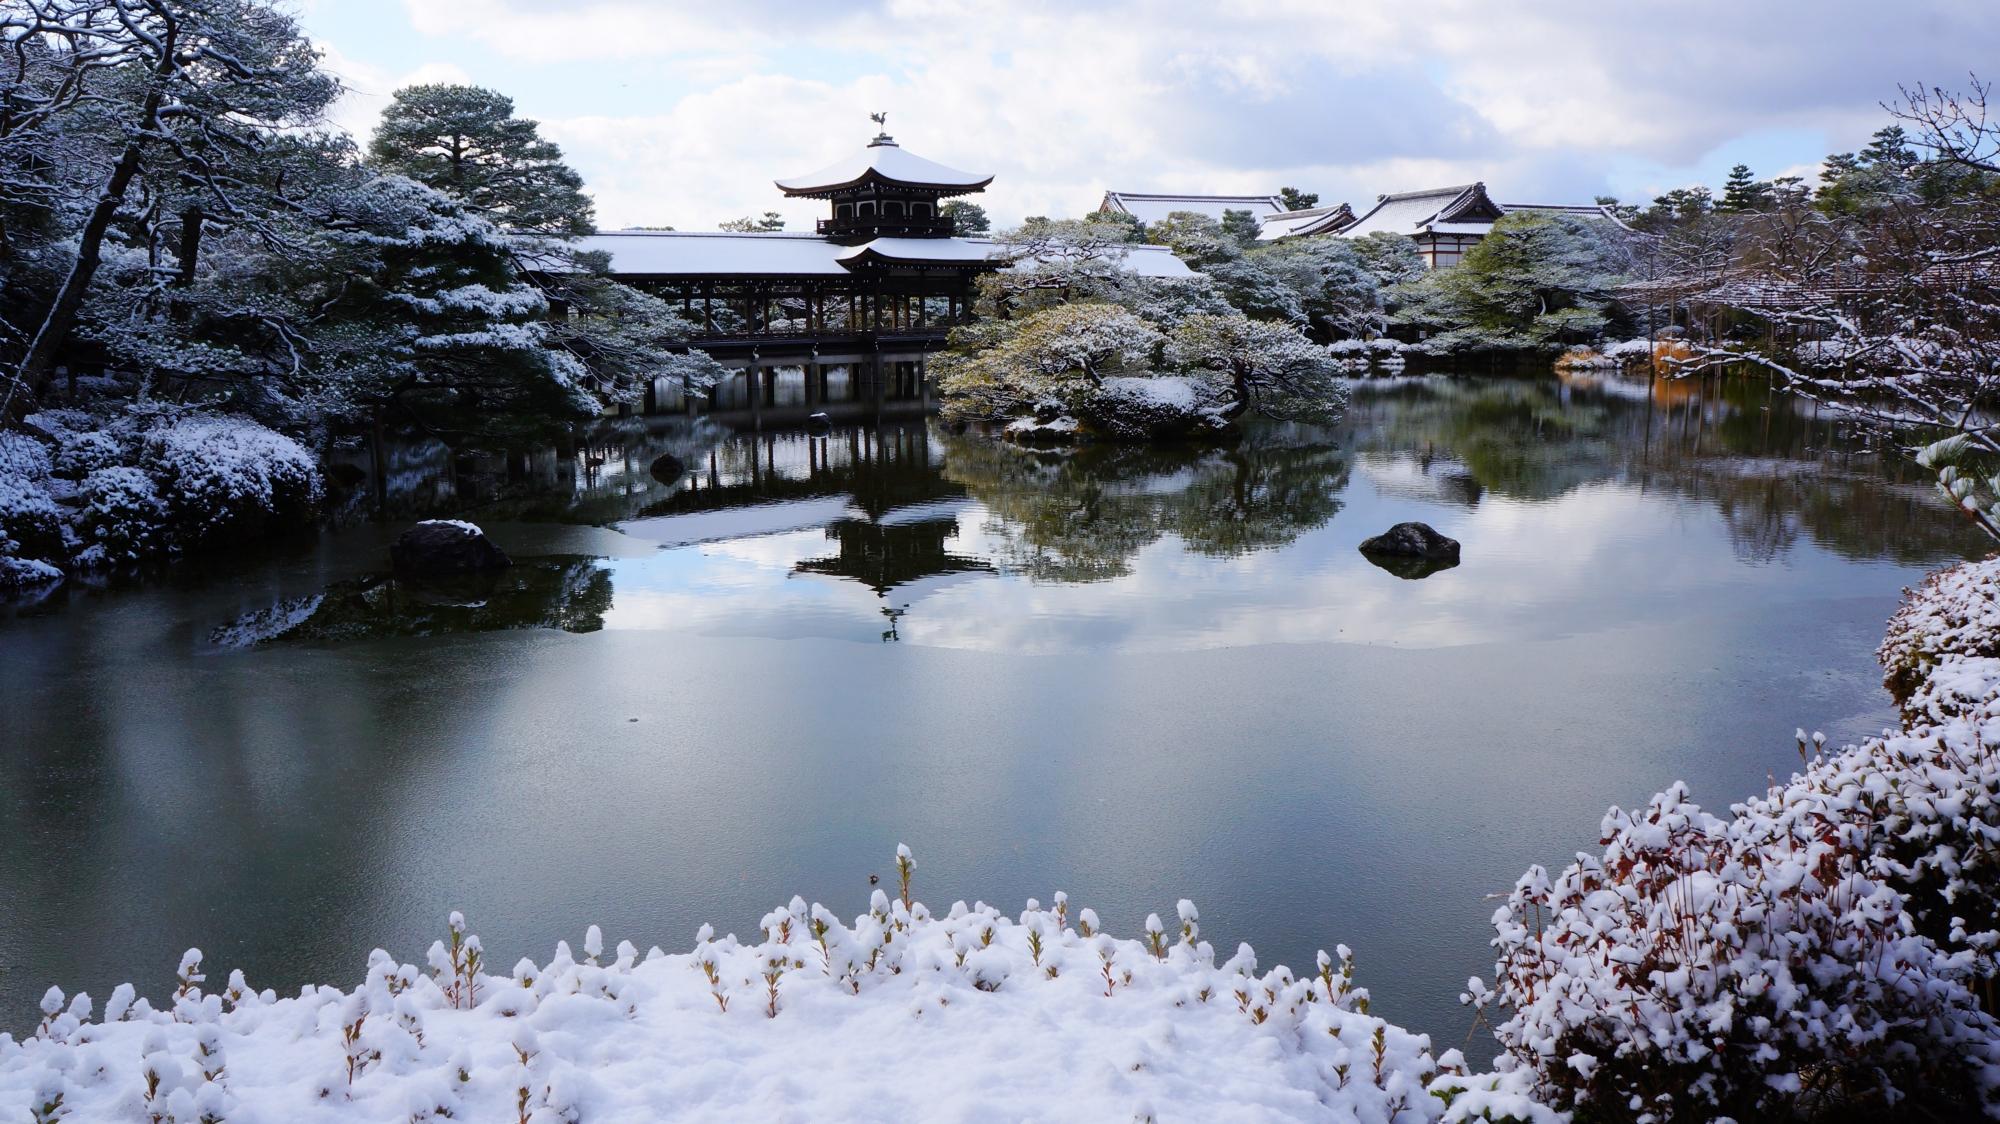 雪の中に佇む泰平閣